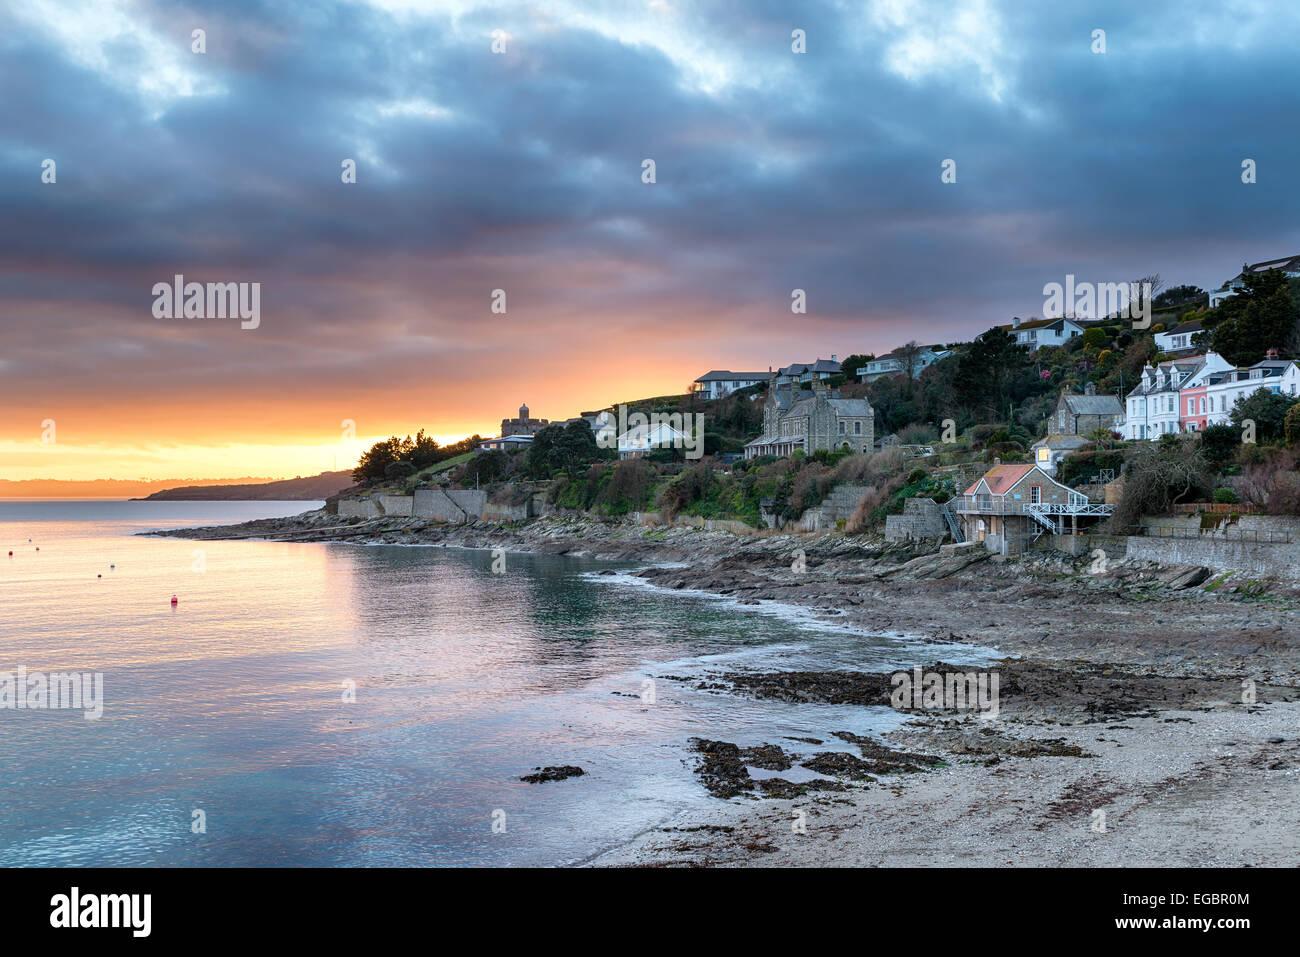 Taverne crépuscule sur la plage à St Mawes près de Falmouth en Cornouailles Photo Stock